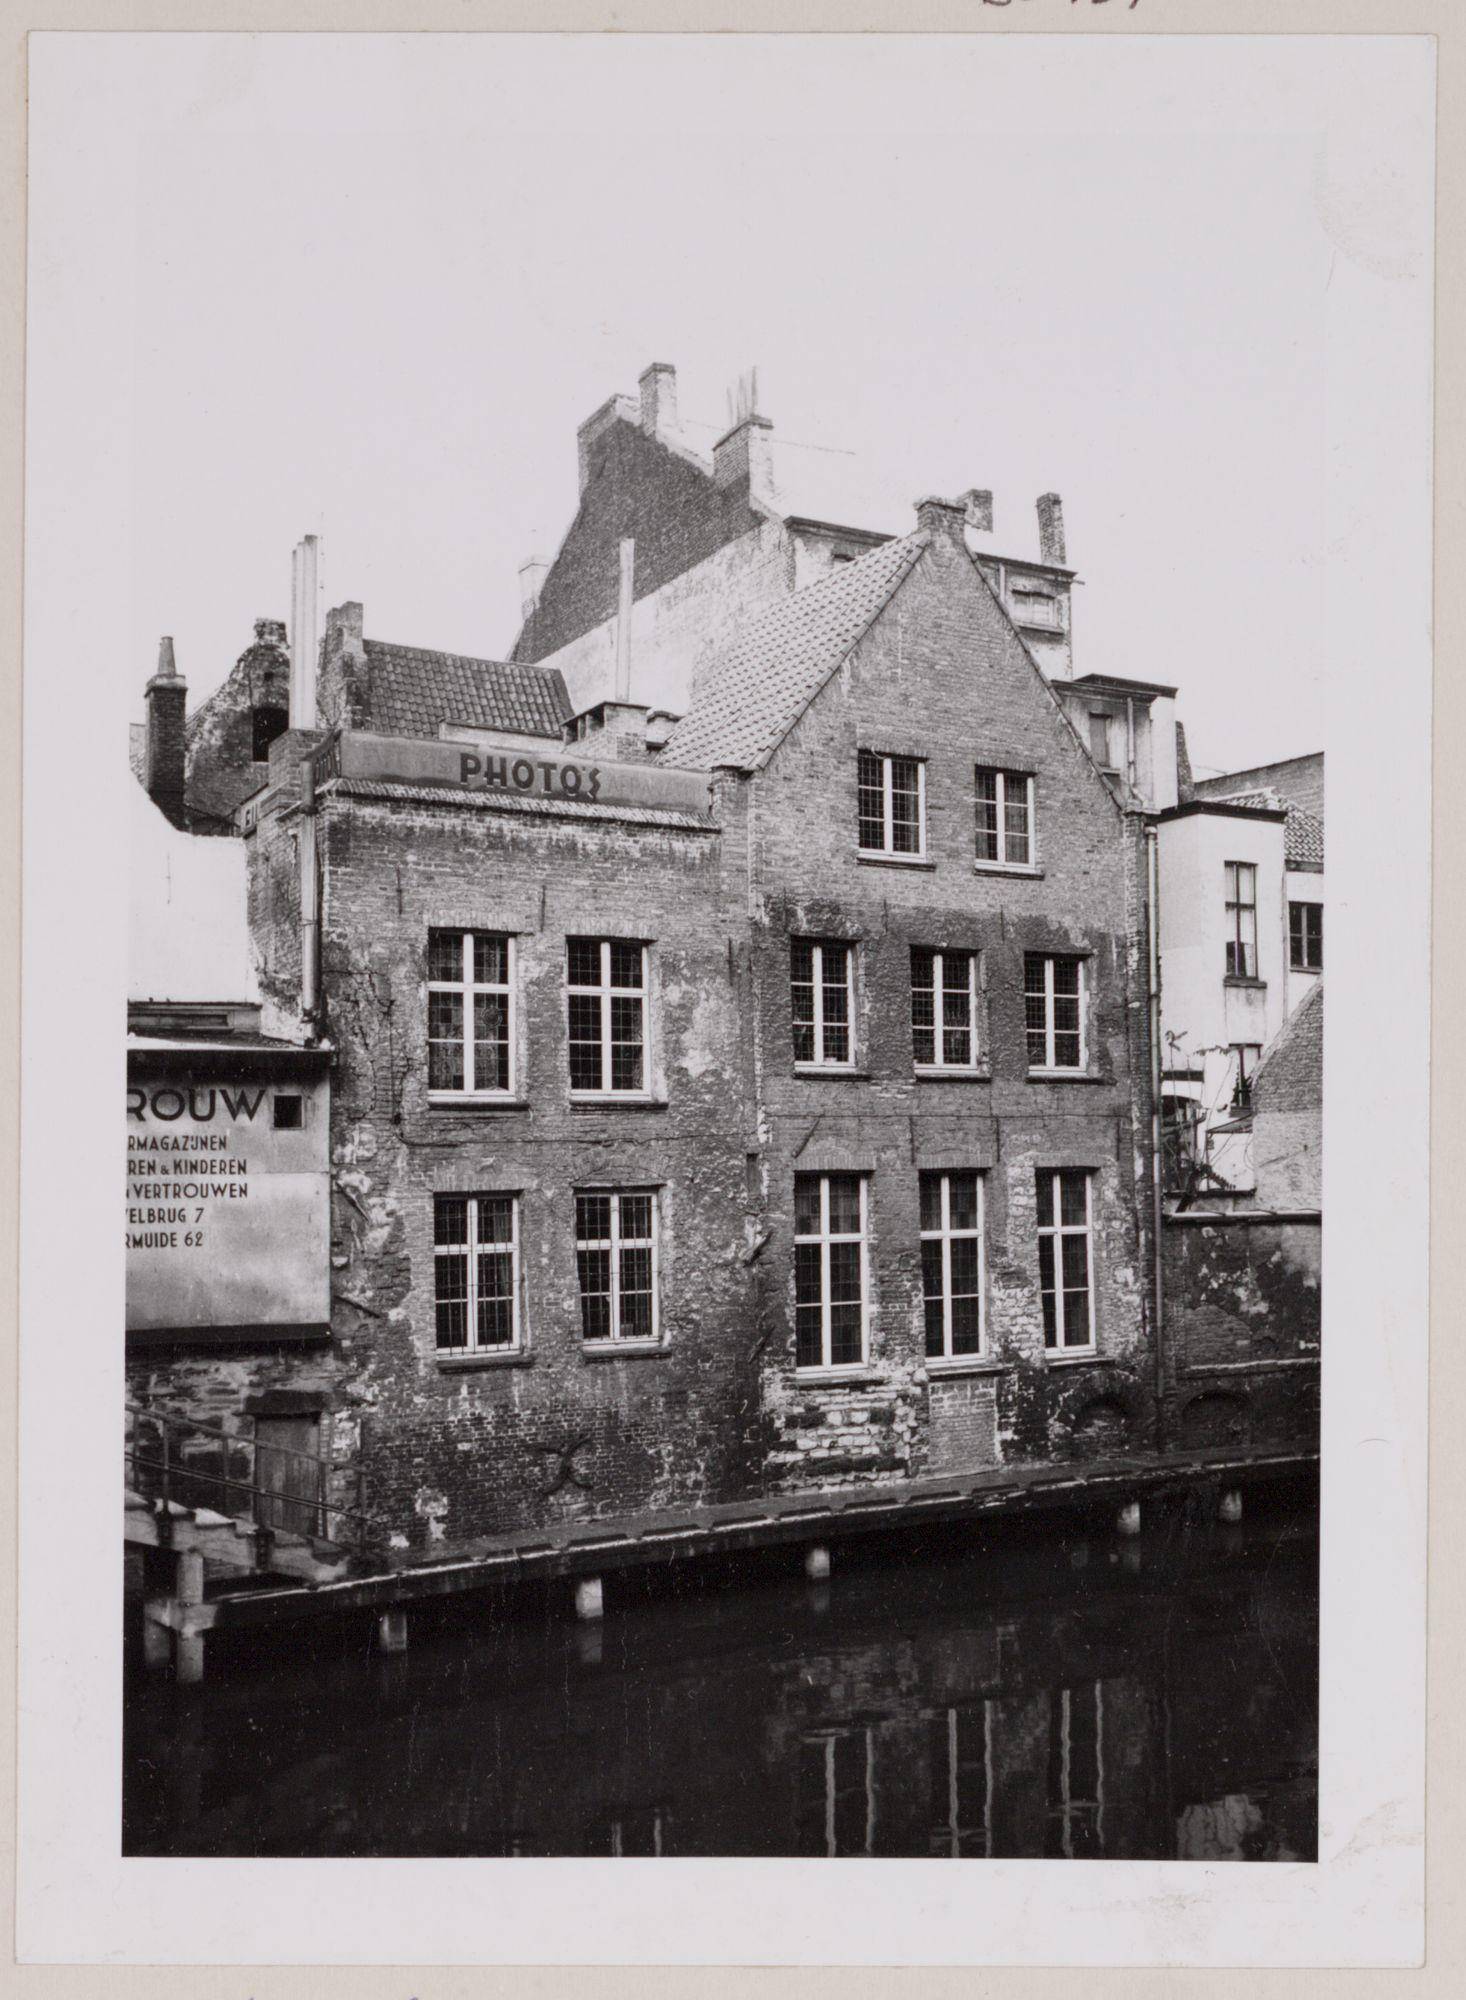 Gent: Leie en achtergevel van Oudburg 4